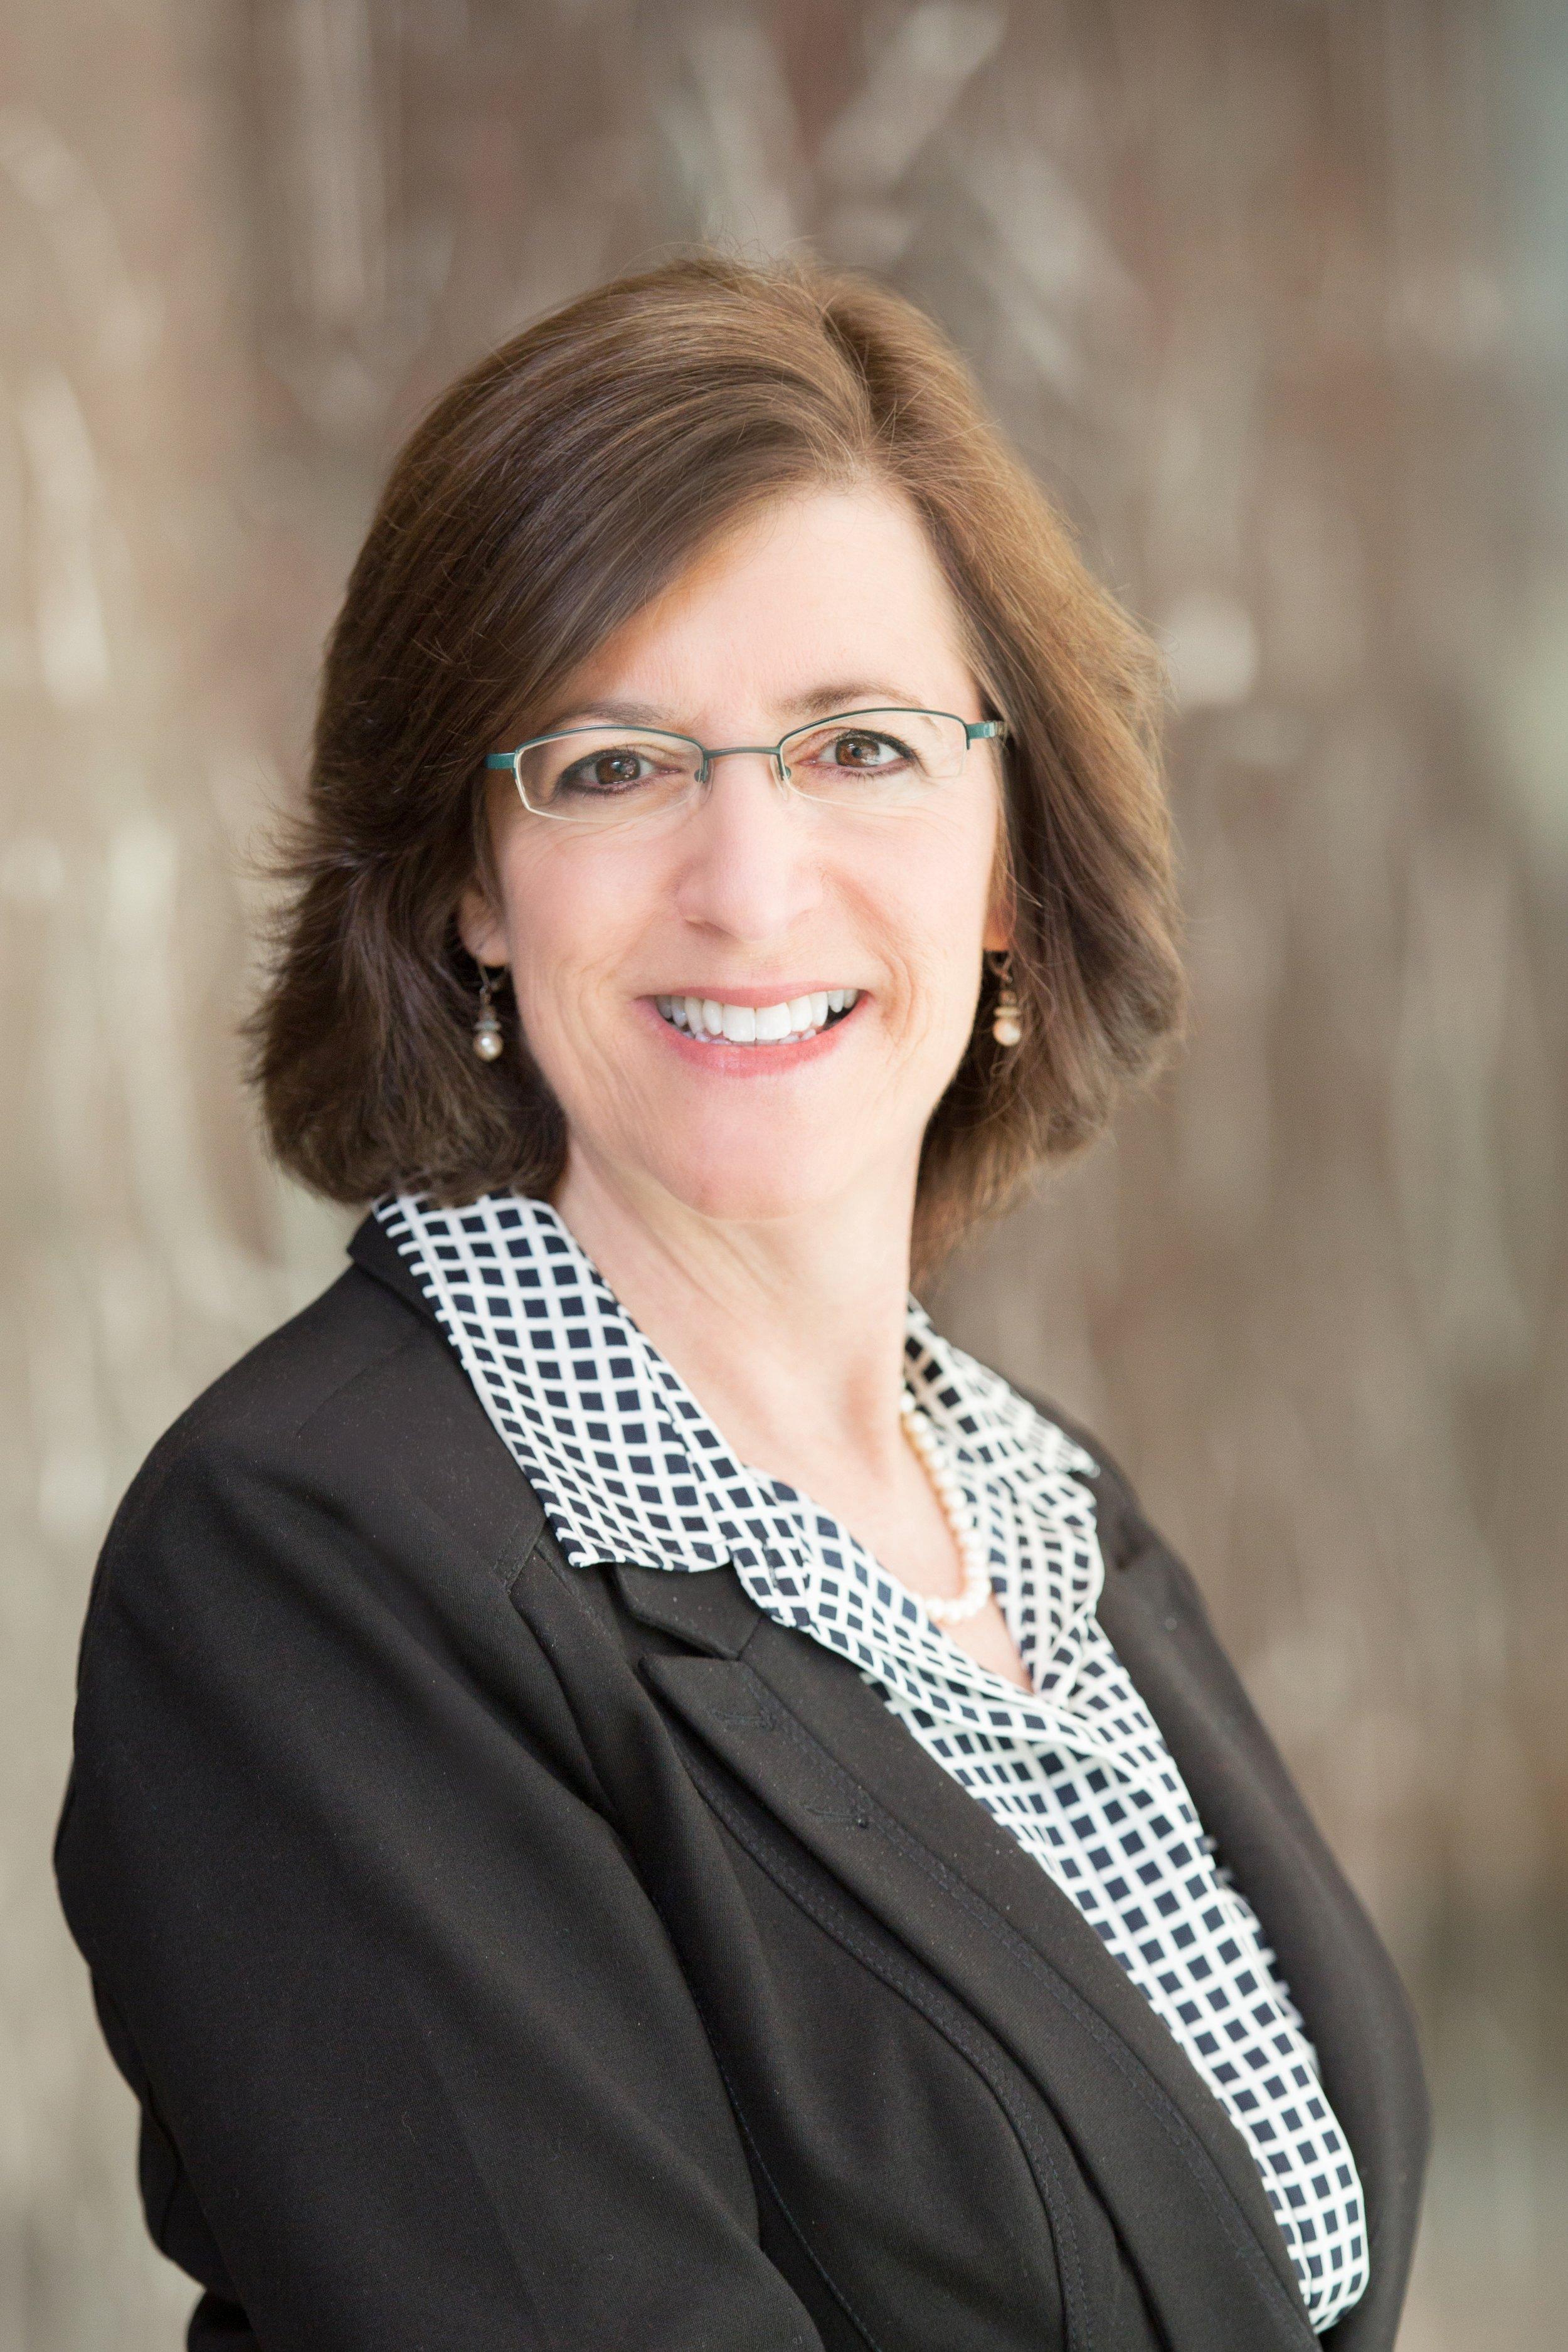 Jane Bender, Senior Investment Manager